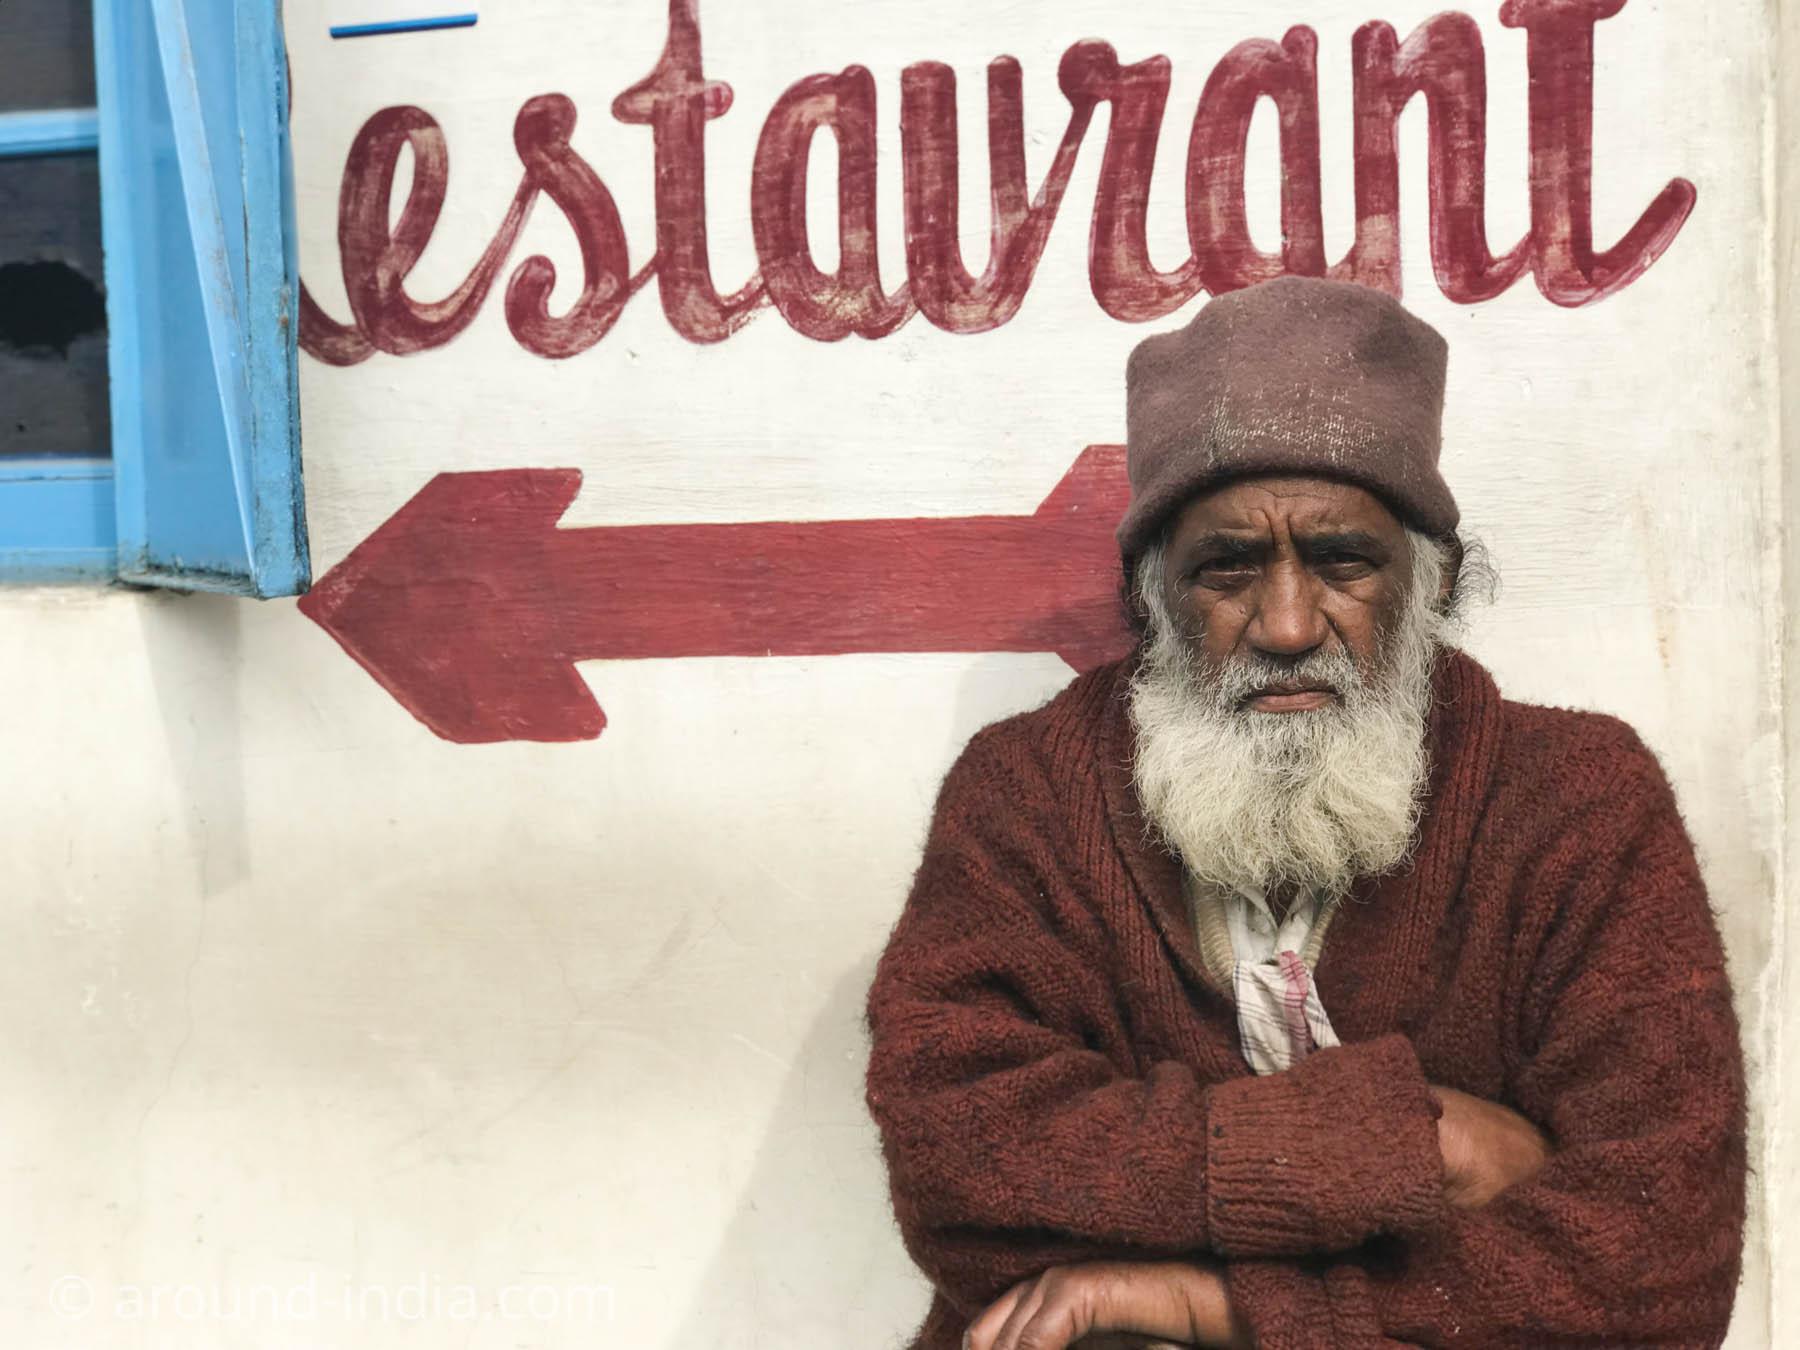 腰掛けて、レストランの看板の一部のようなるおじさん